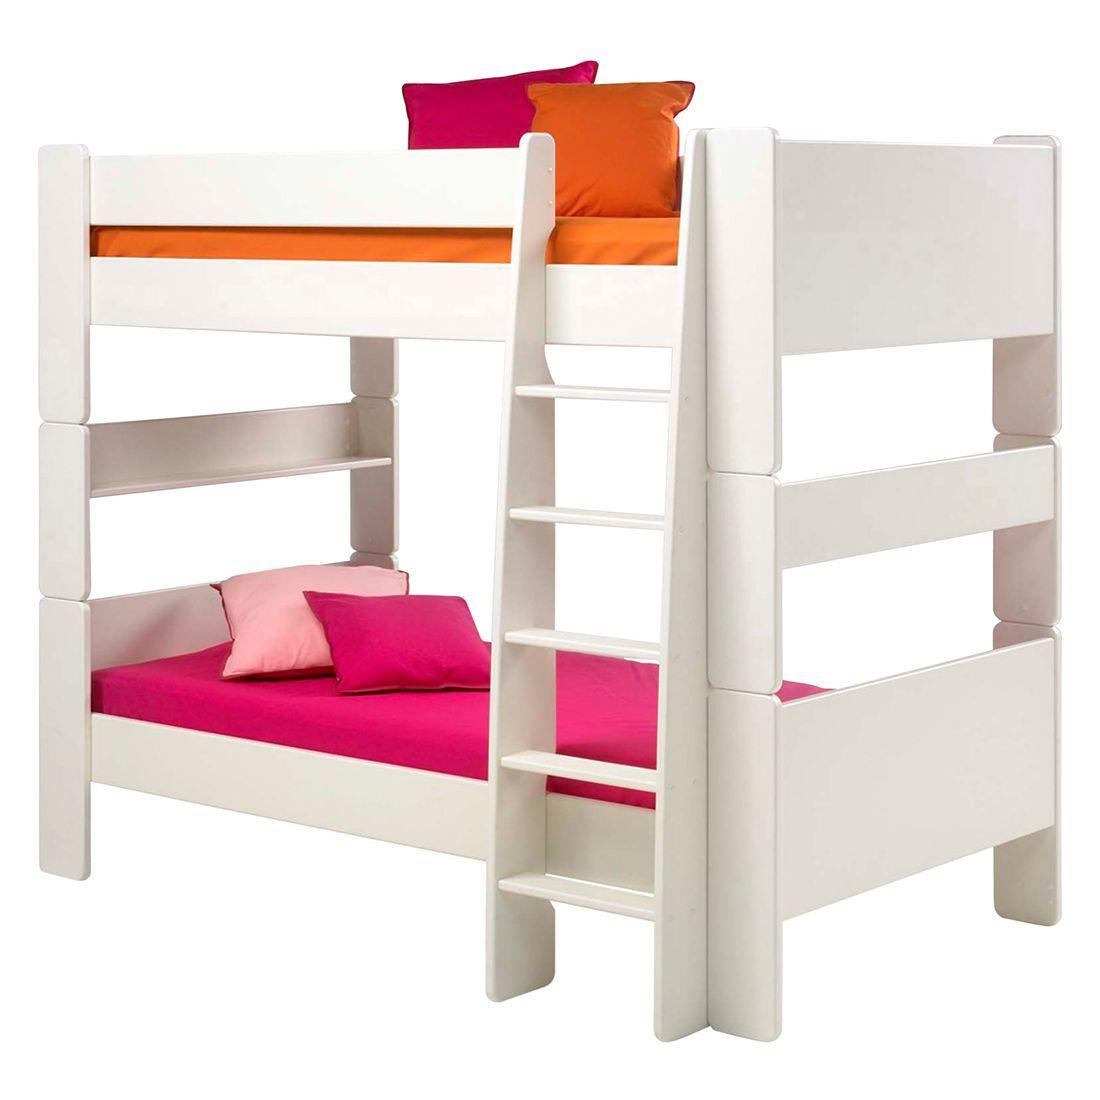 Steens Möbel etagenbett steens for mdf weiß steens jetzt bestellen unter